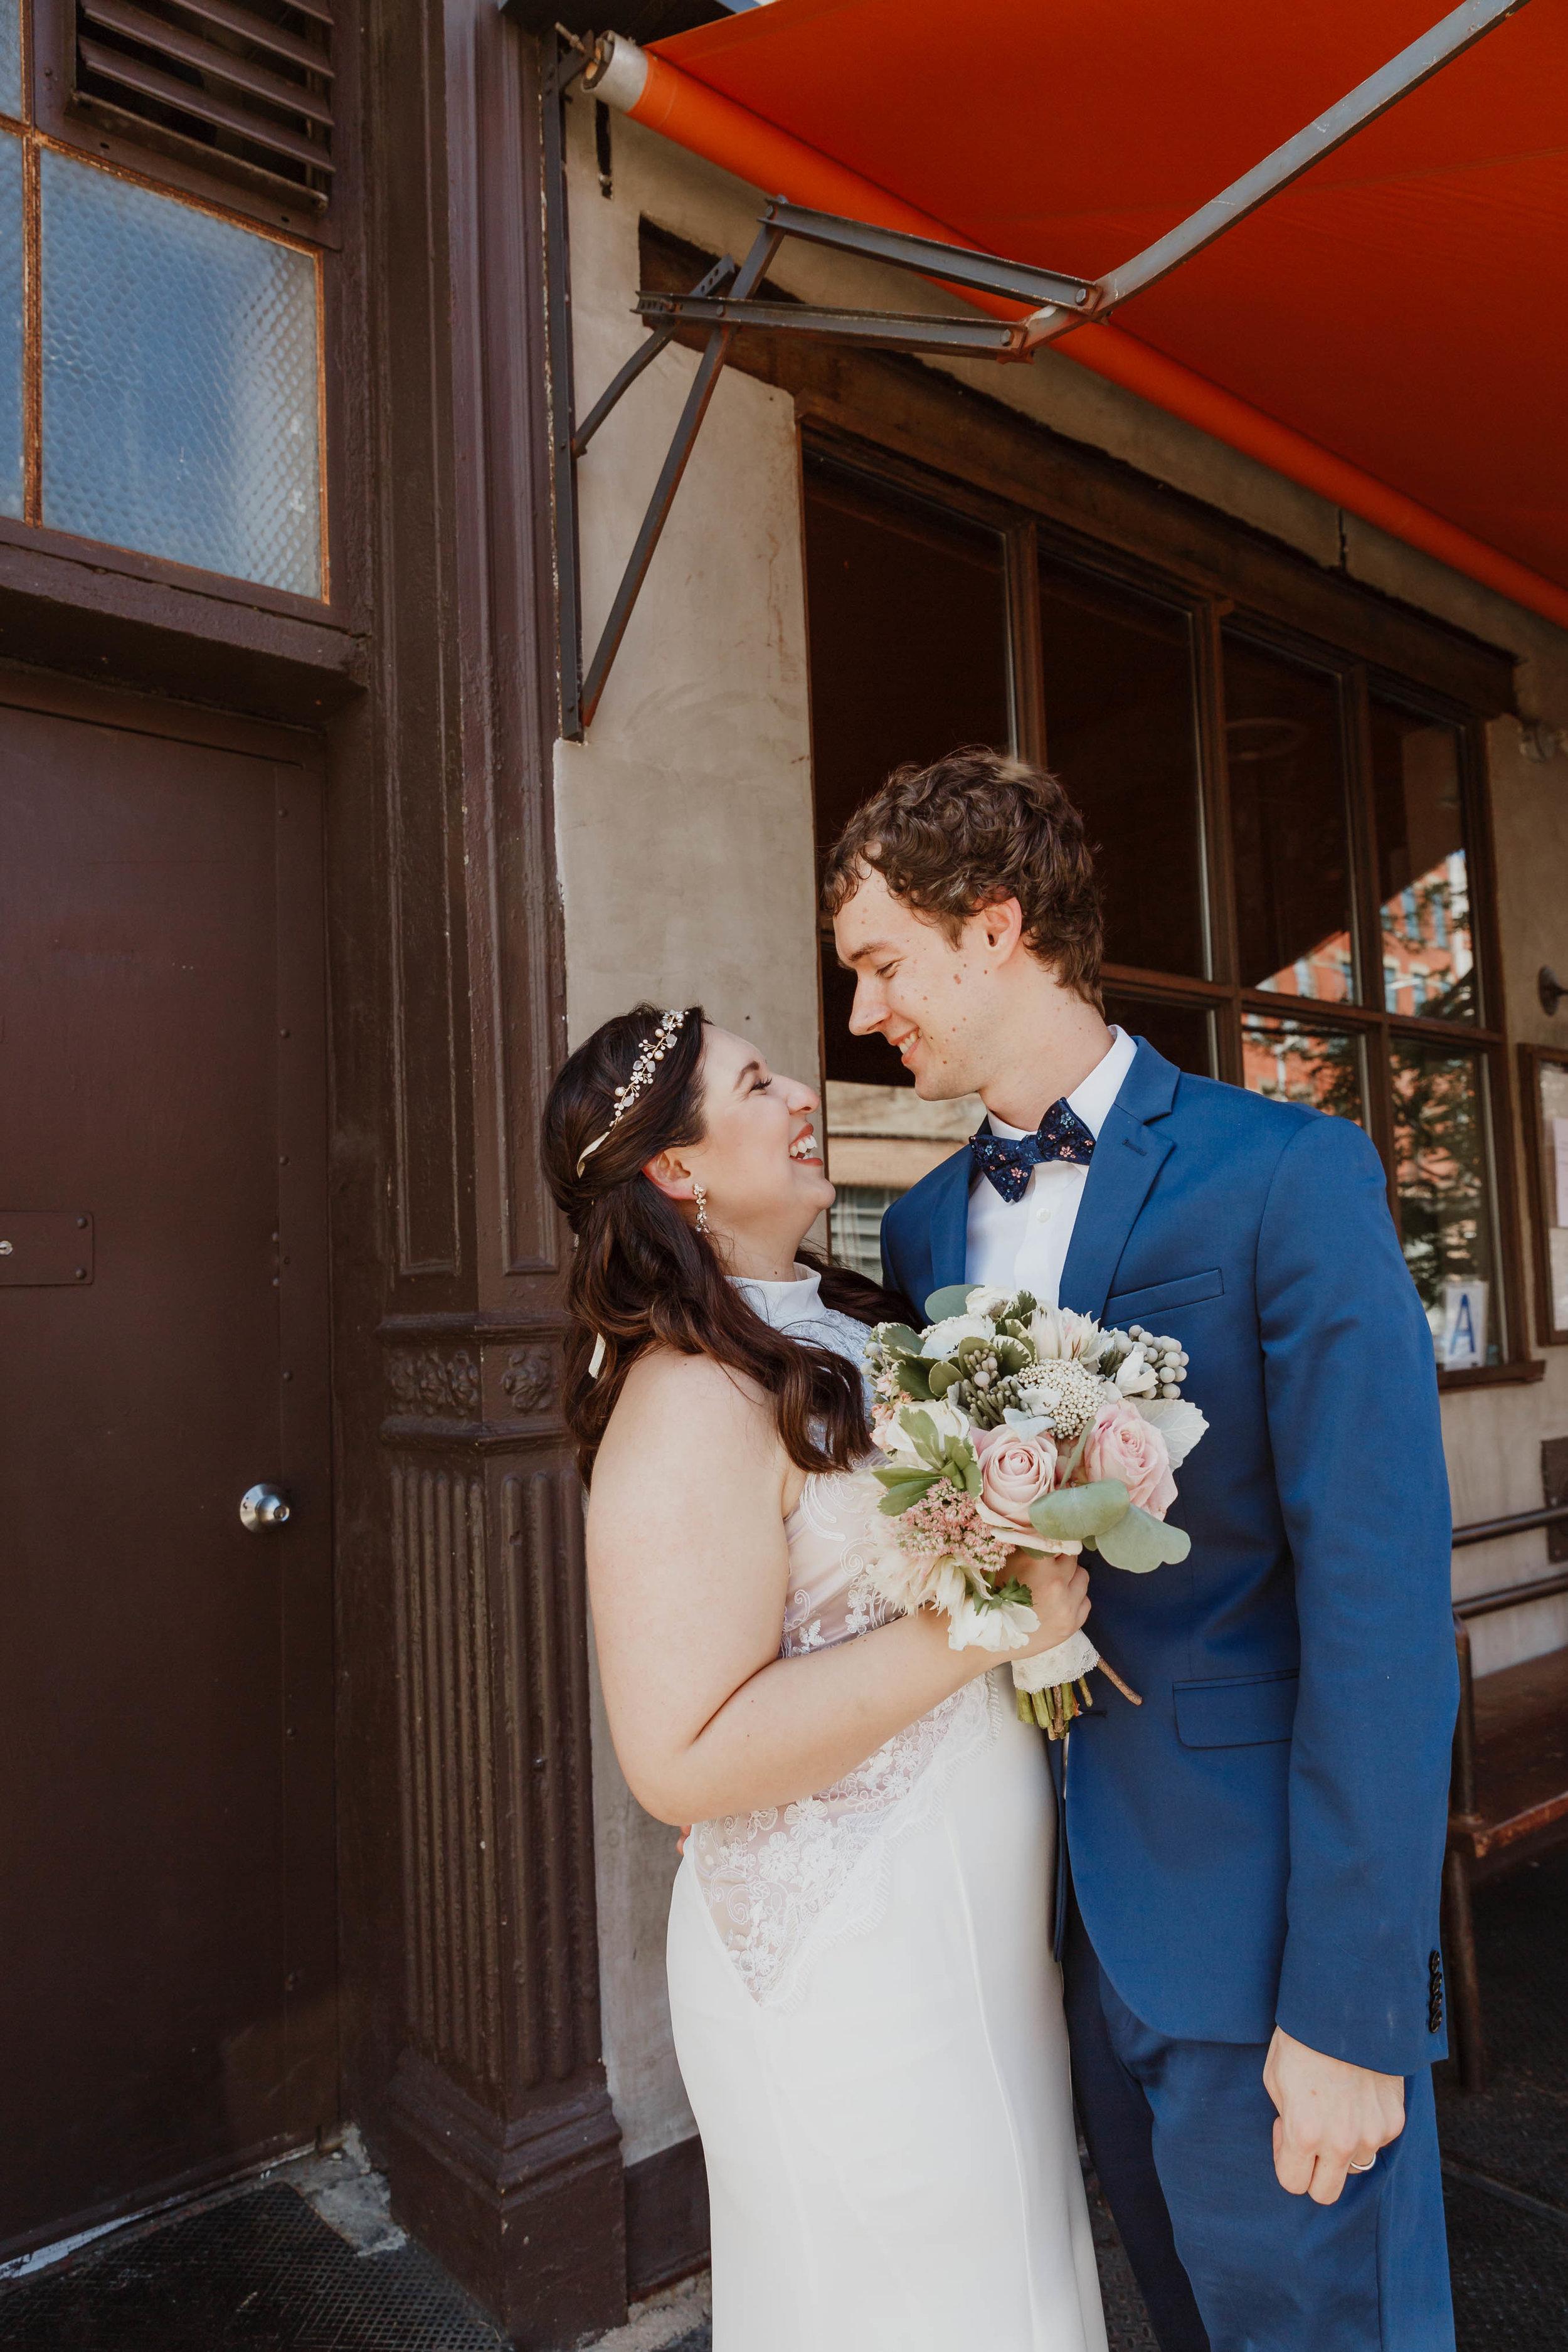 aurora-restaurant-wedding-photographer-elizabeth-tsung-photo-56.jpg